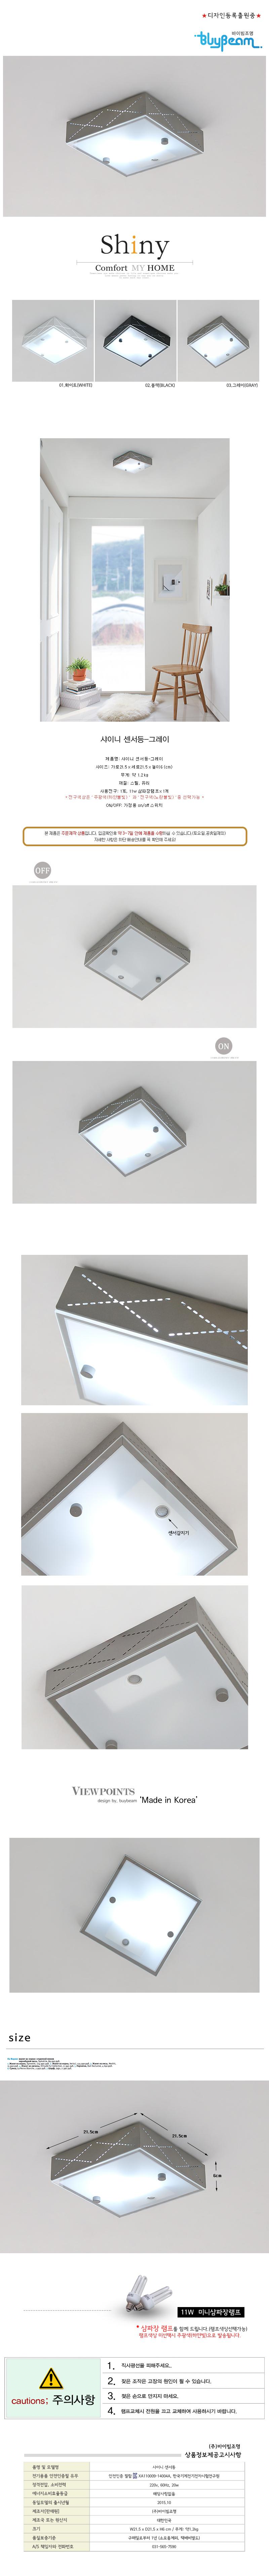 샤이니 센서등-그레이 - 바이빔, 44,000원, 포인트조명, 센서조명